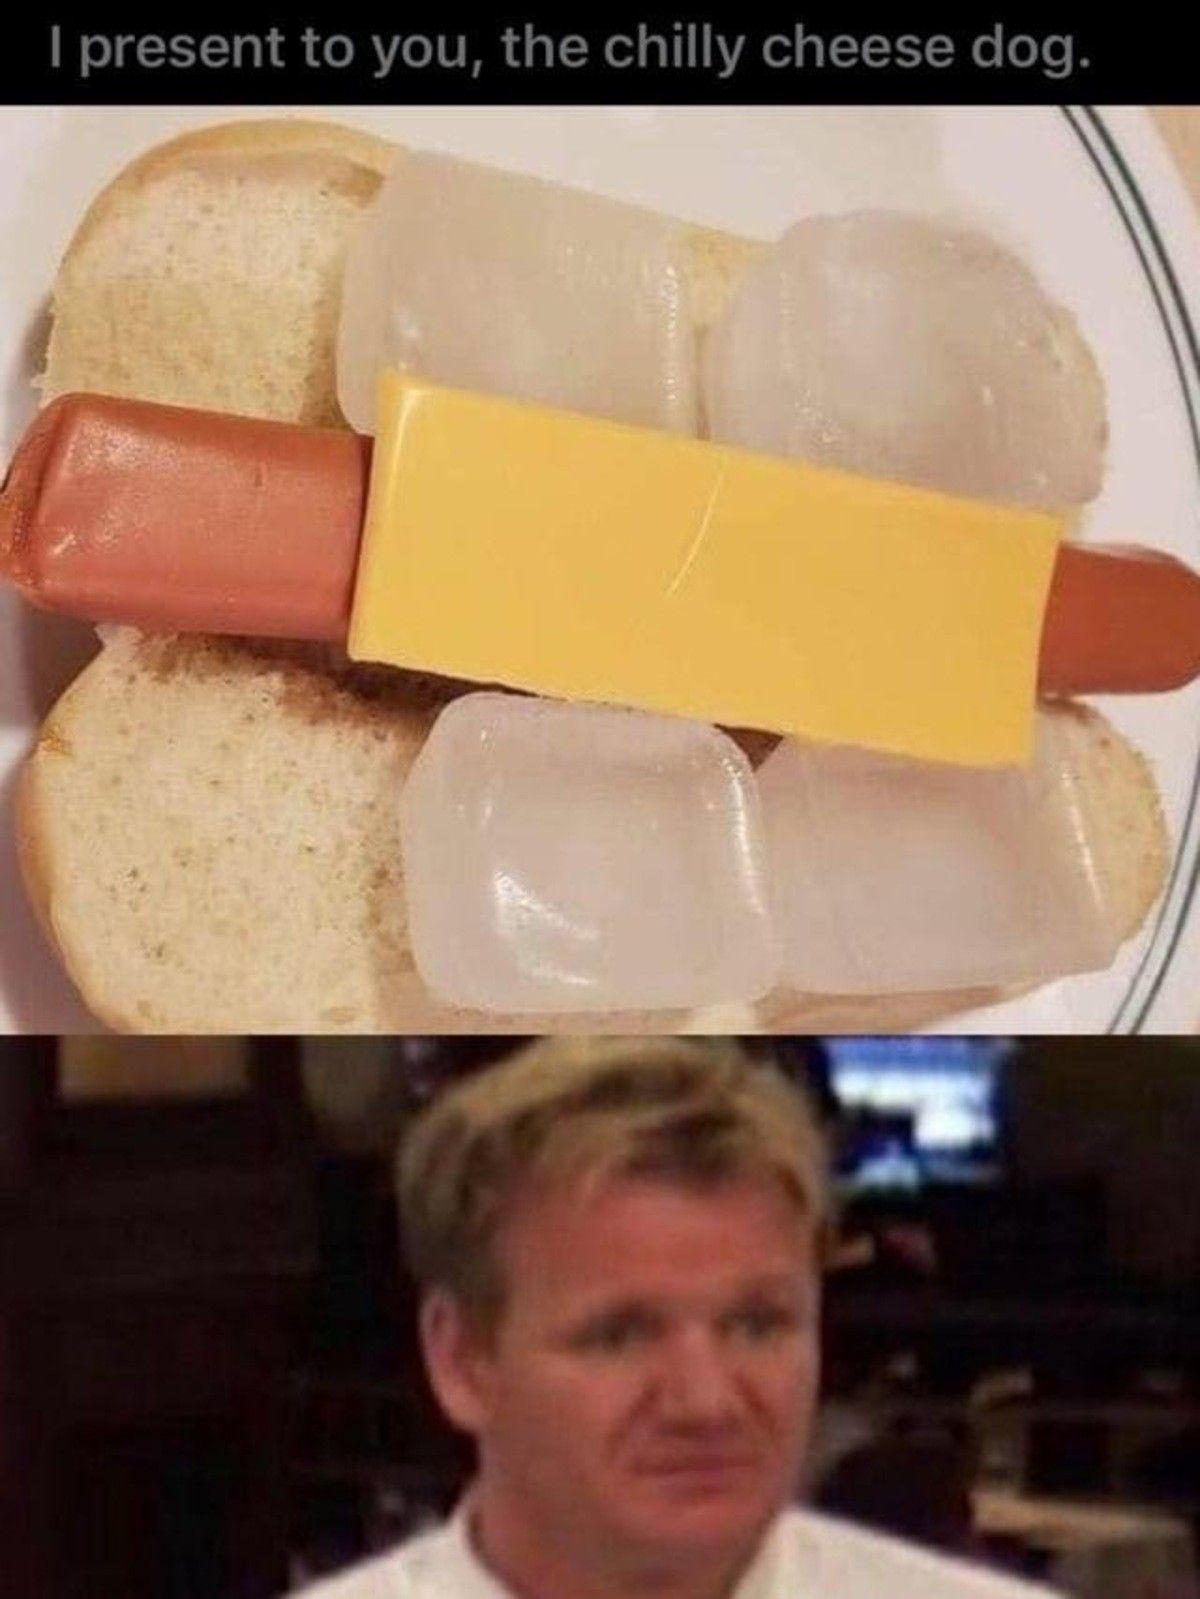 Haha, food go brrr